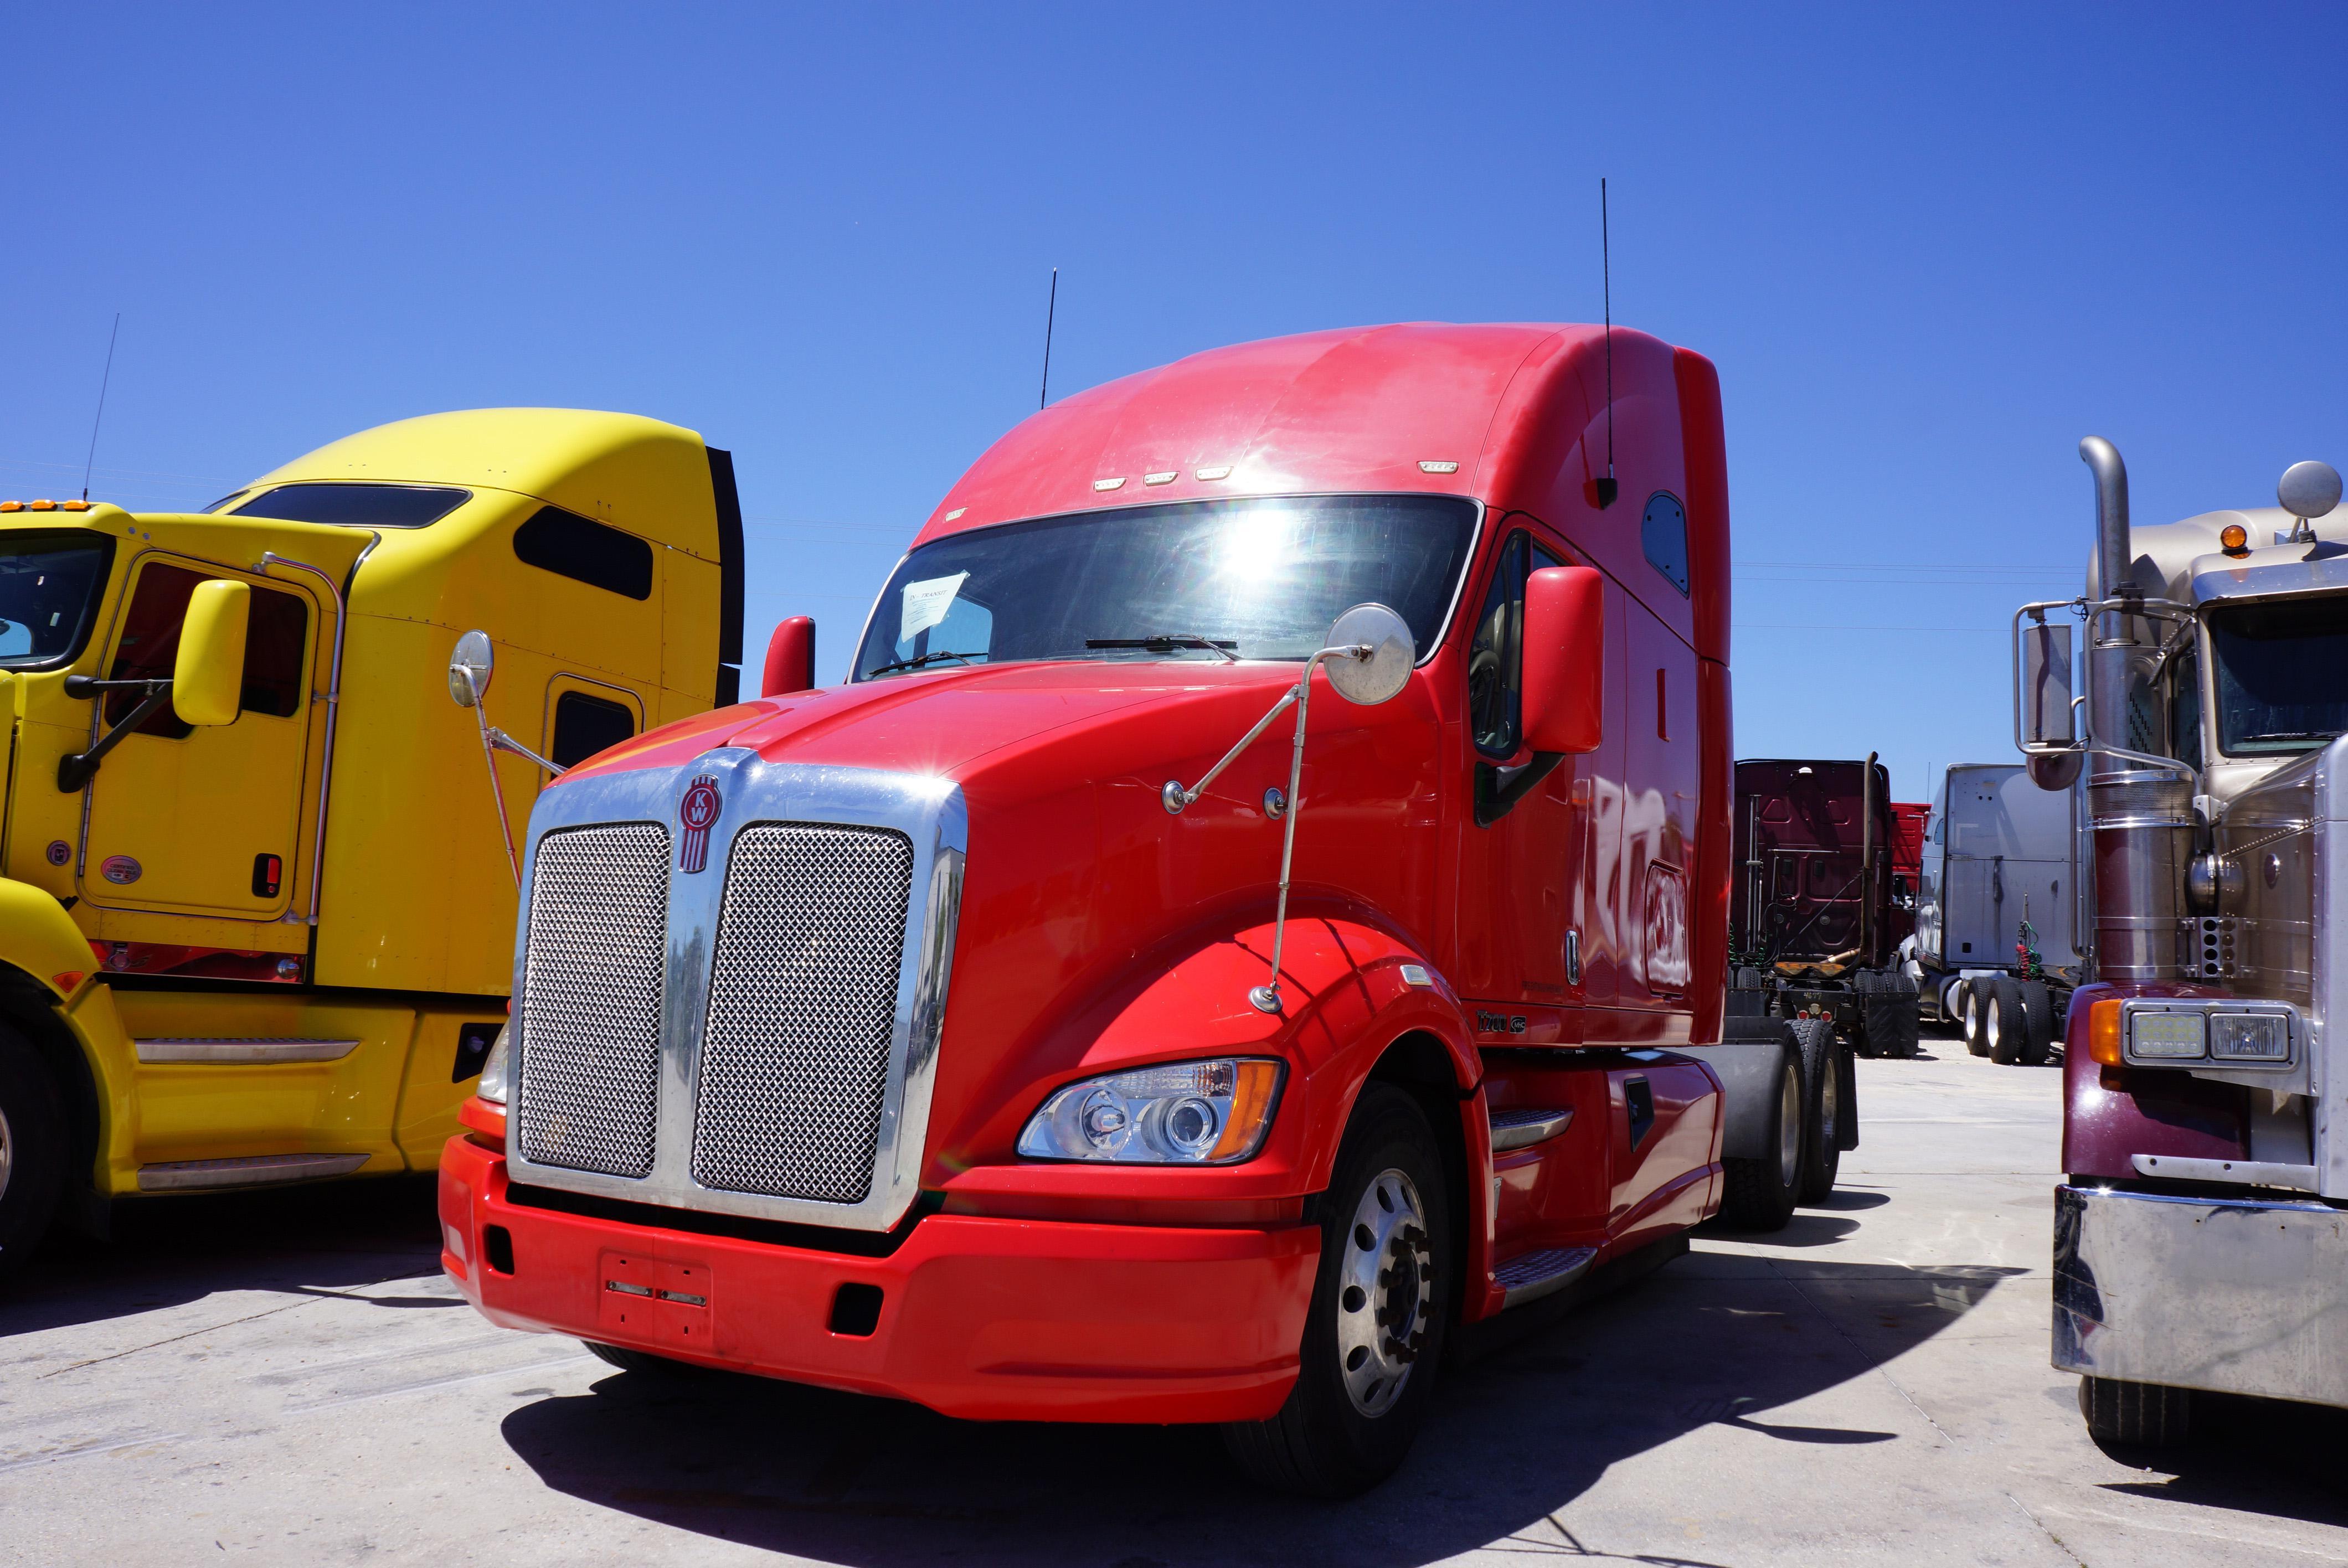 USED 2012 KENWORTH T700 SLEEPER TRUCK #99346